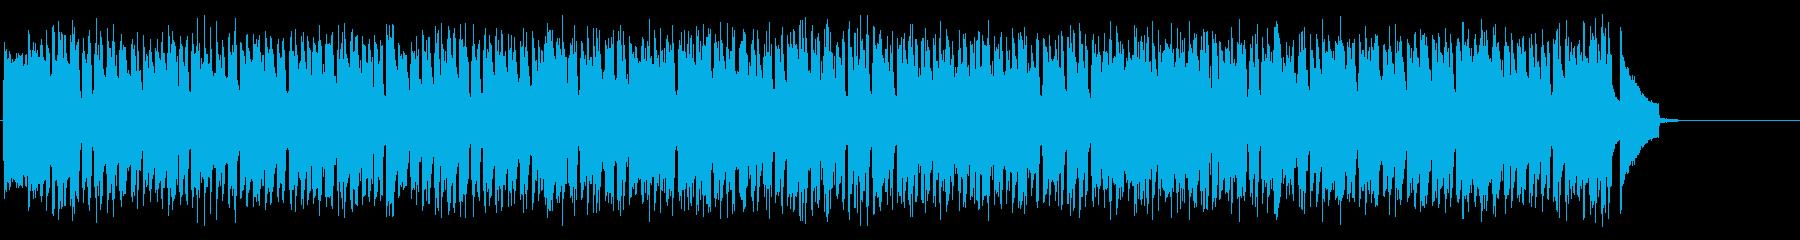 元気で軽快なコミカル風ポップ・サウンドの再生済みの波形